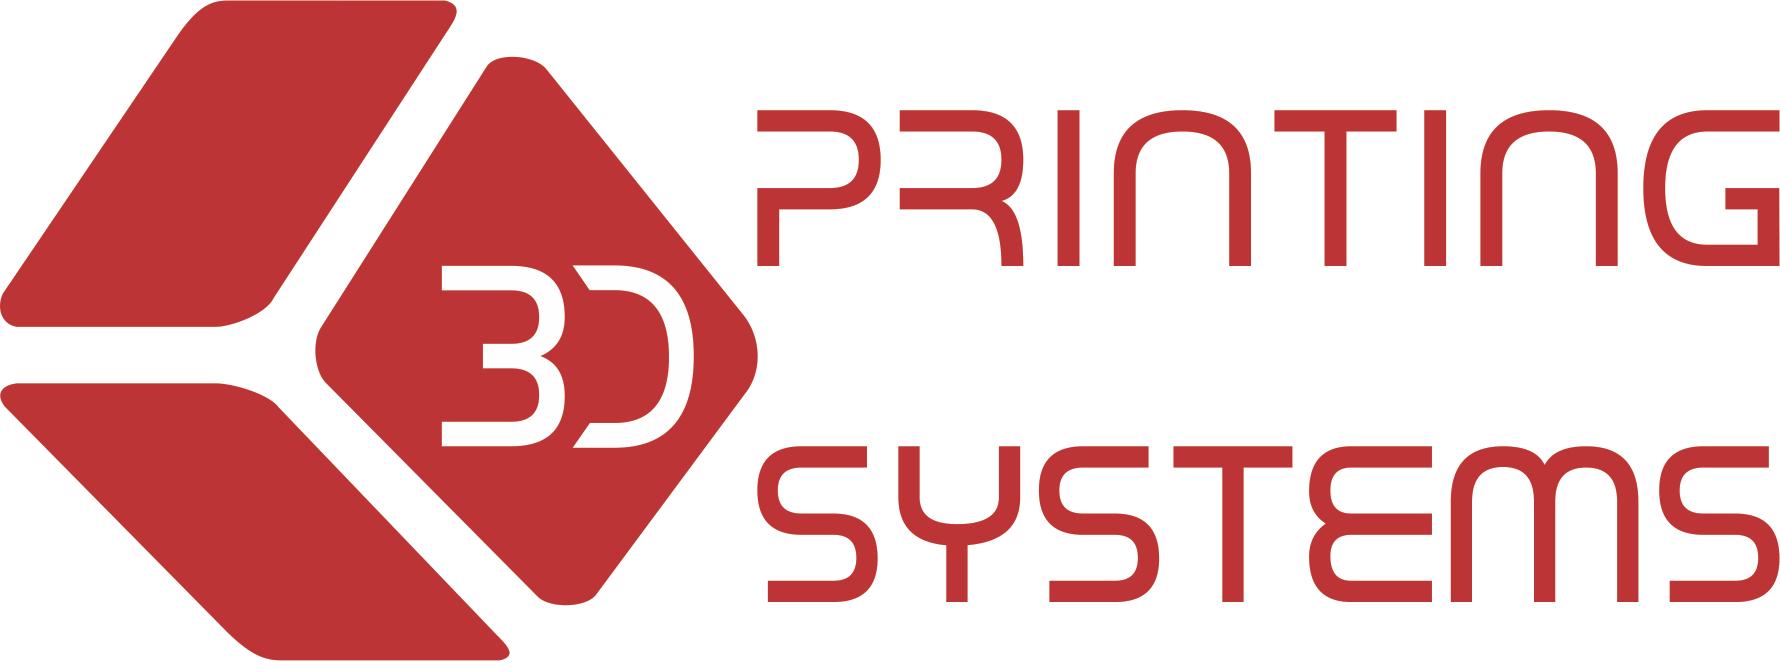 NZ's best selling 3D Printers